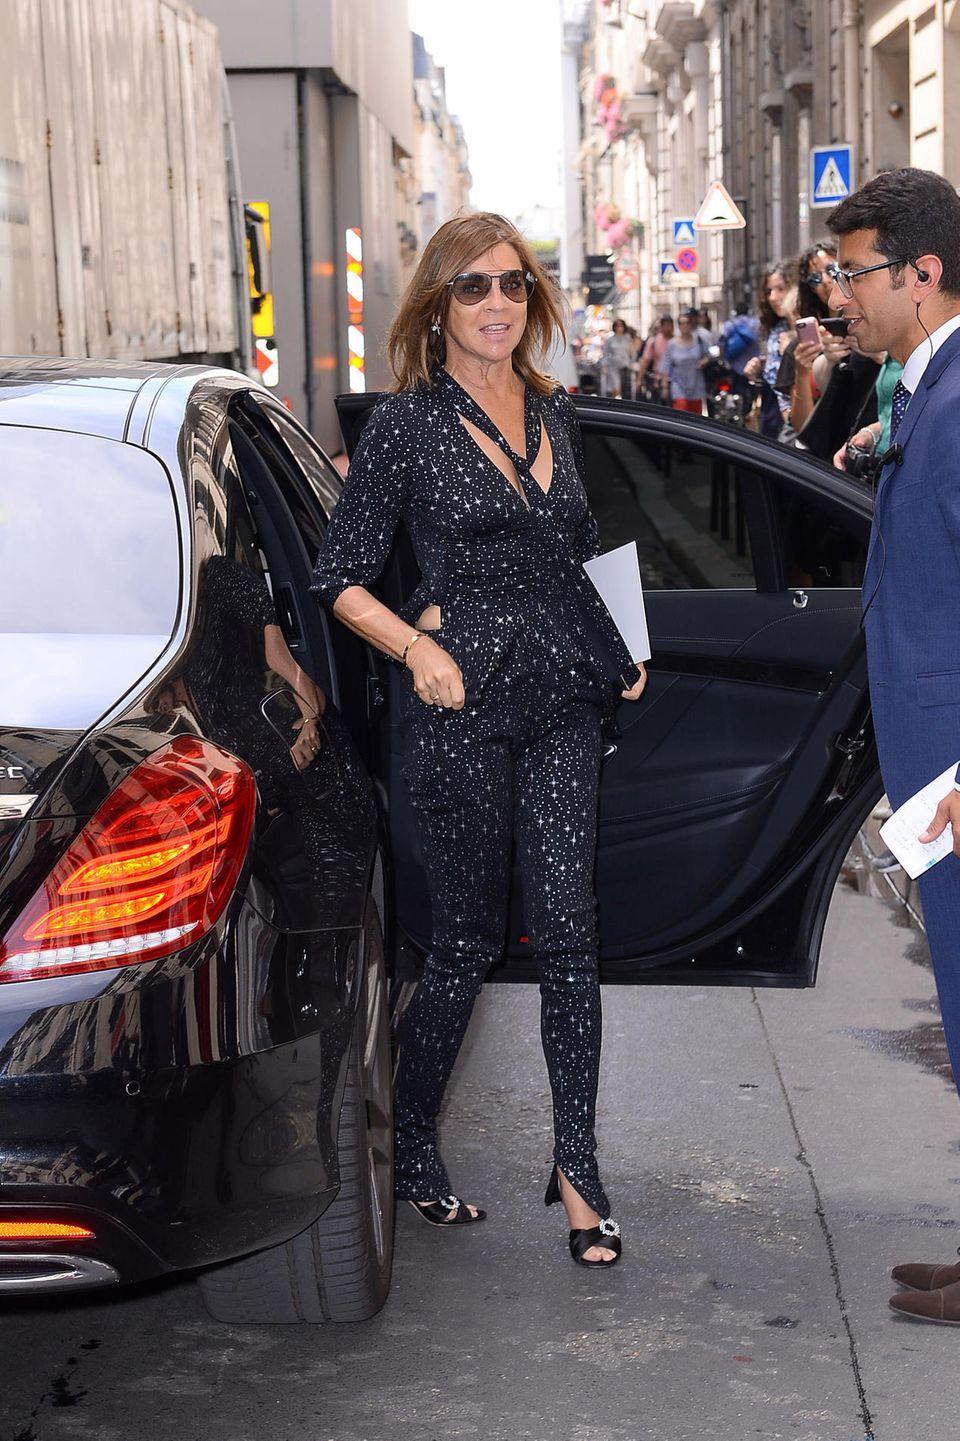 Fashion-Expertin Carine Roitfeld ist auf dem Weg zur Show von Elie Saab.